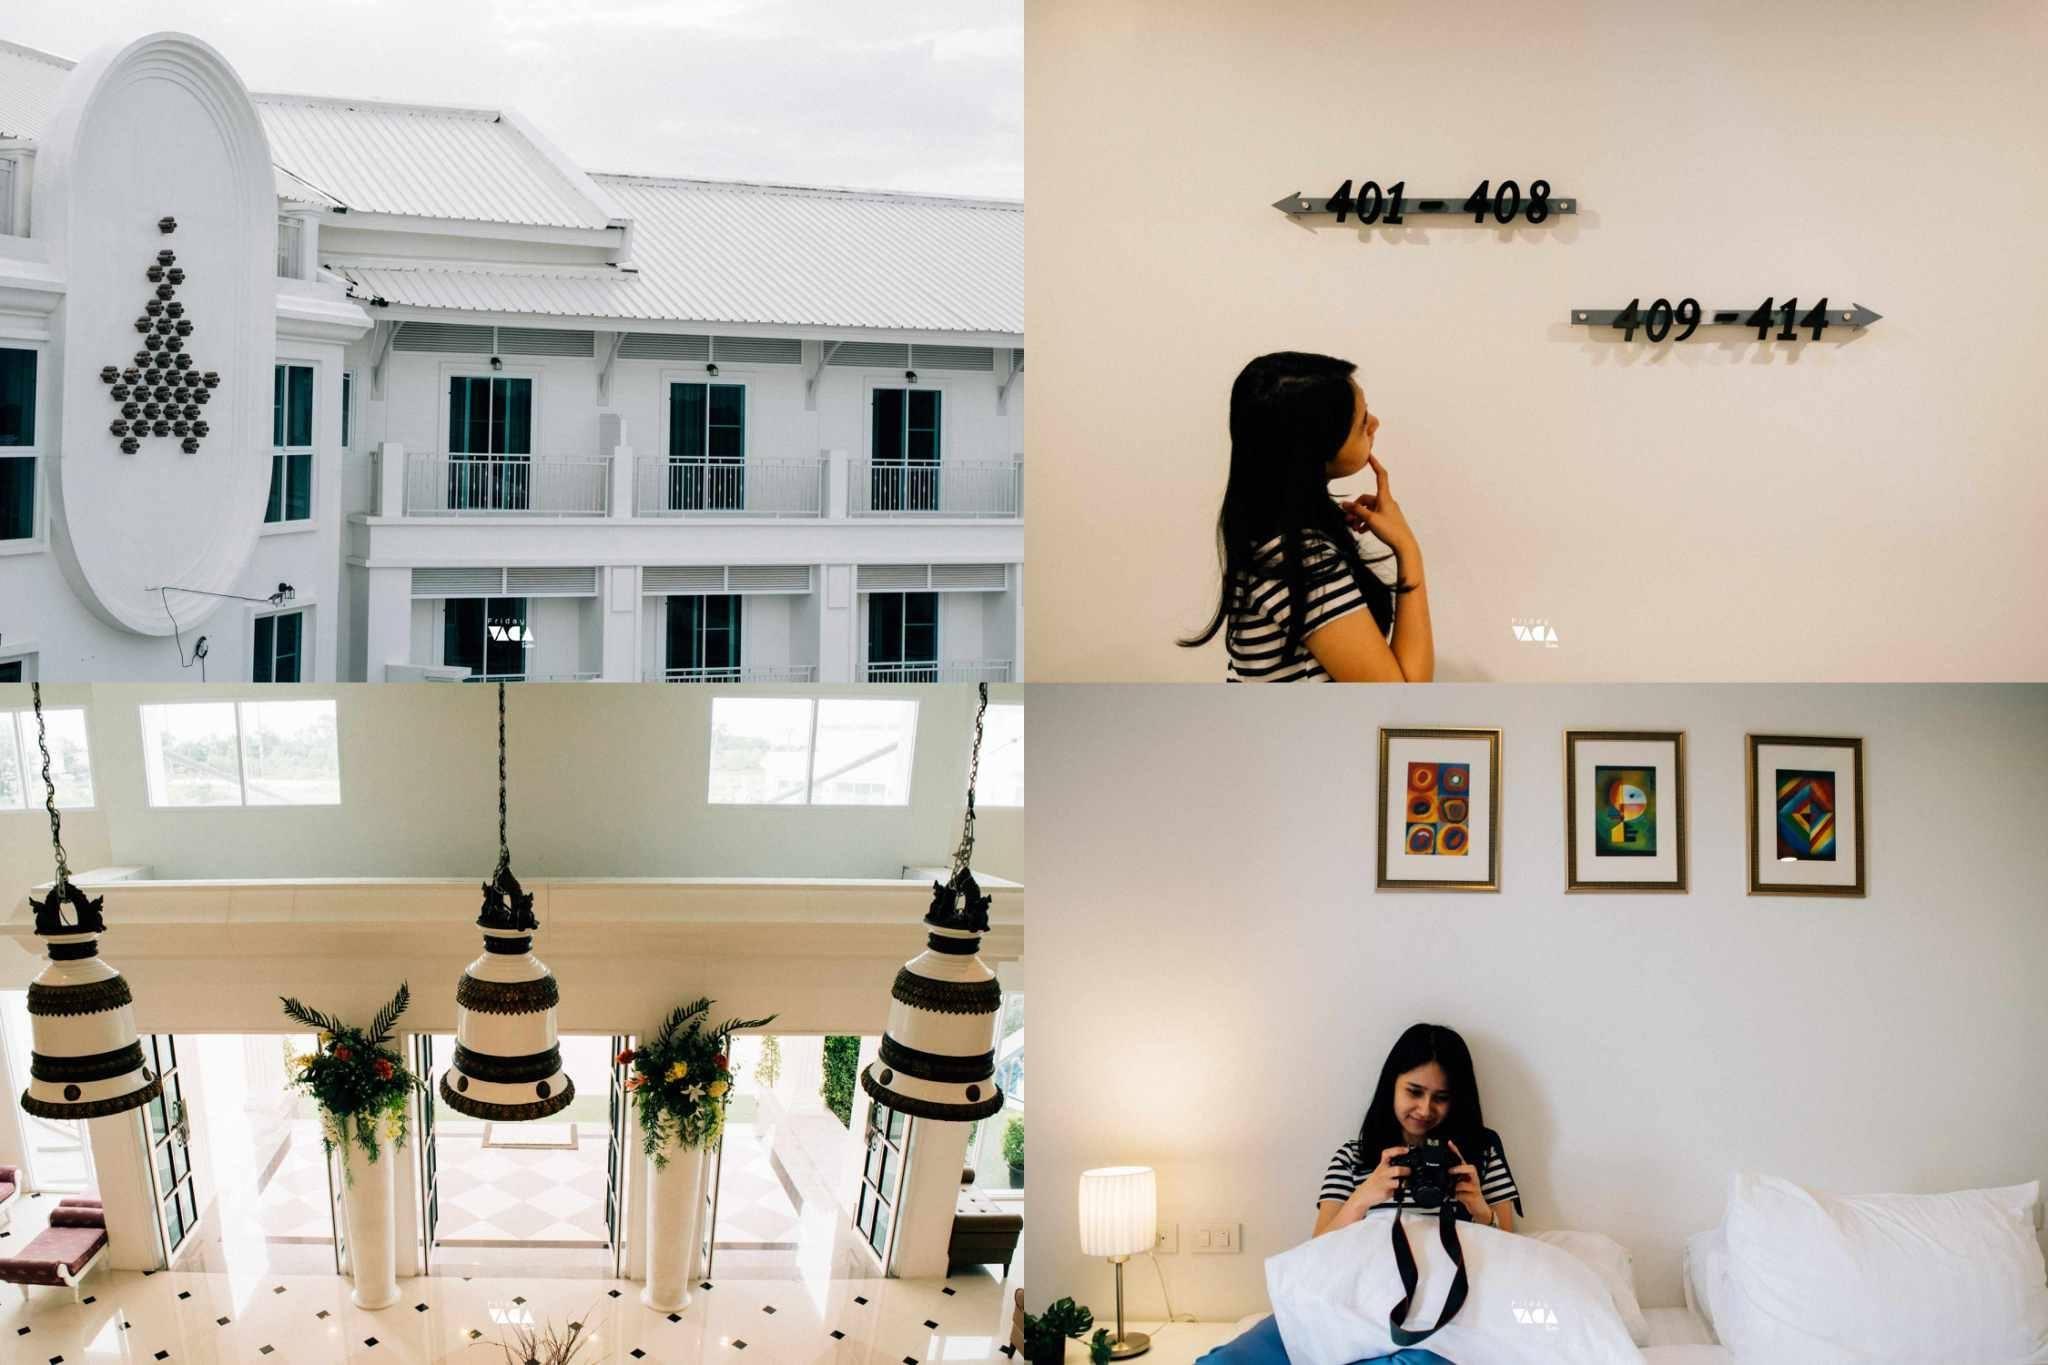 จุดเด่นของห้องพักสไตล์มินิมอลให้กลิ่นไอความสะดวกสบายอย่างลงตัว  ที่พัก,นครศรีธรรมราช,โรมแรม,รีสอร์ท,อพาร์ทเม้นต์,กลางเมือง,ห้องพัก,วิวหลักล้าน,คาเฟ่